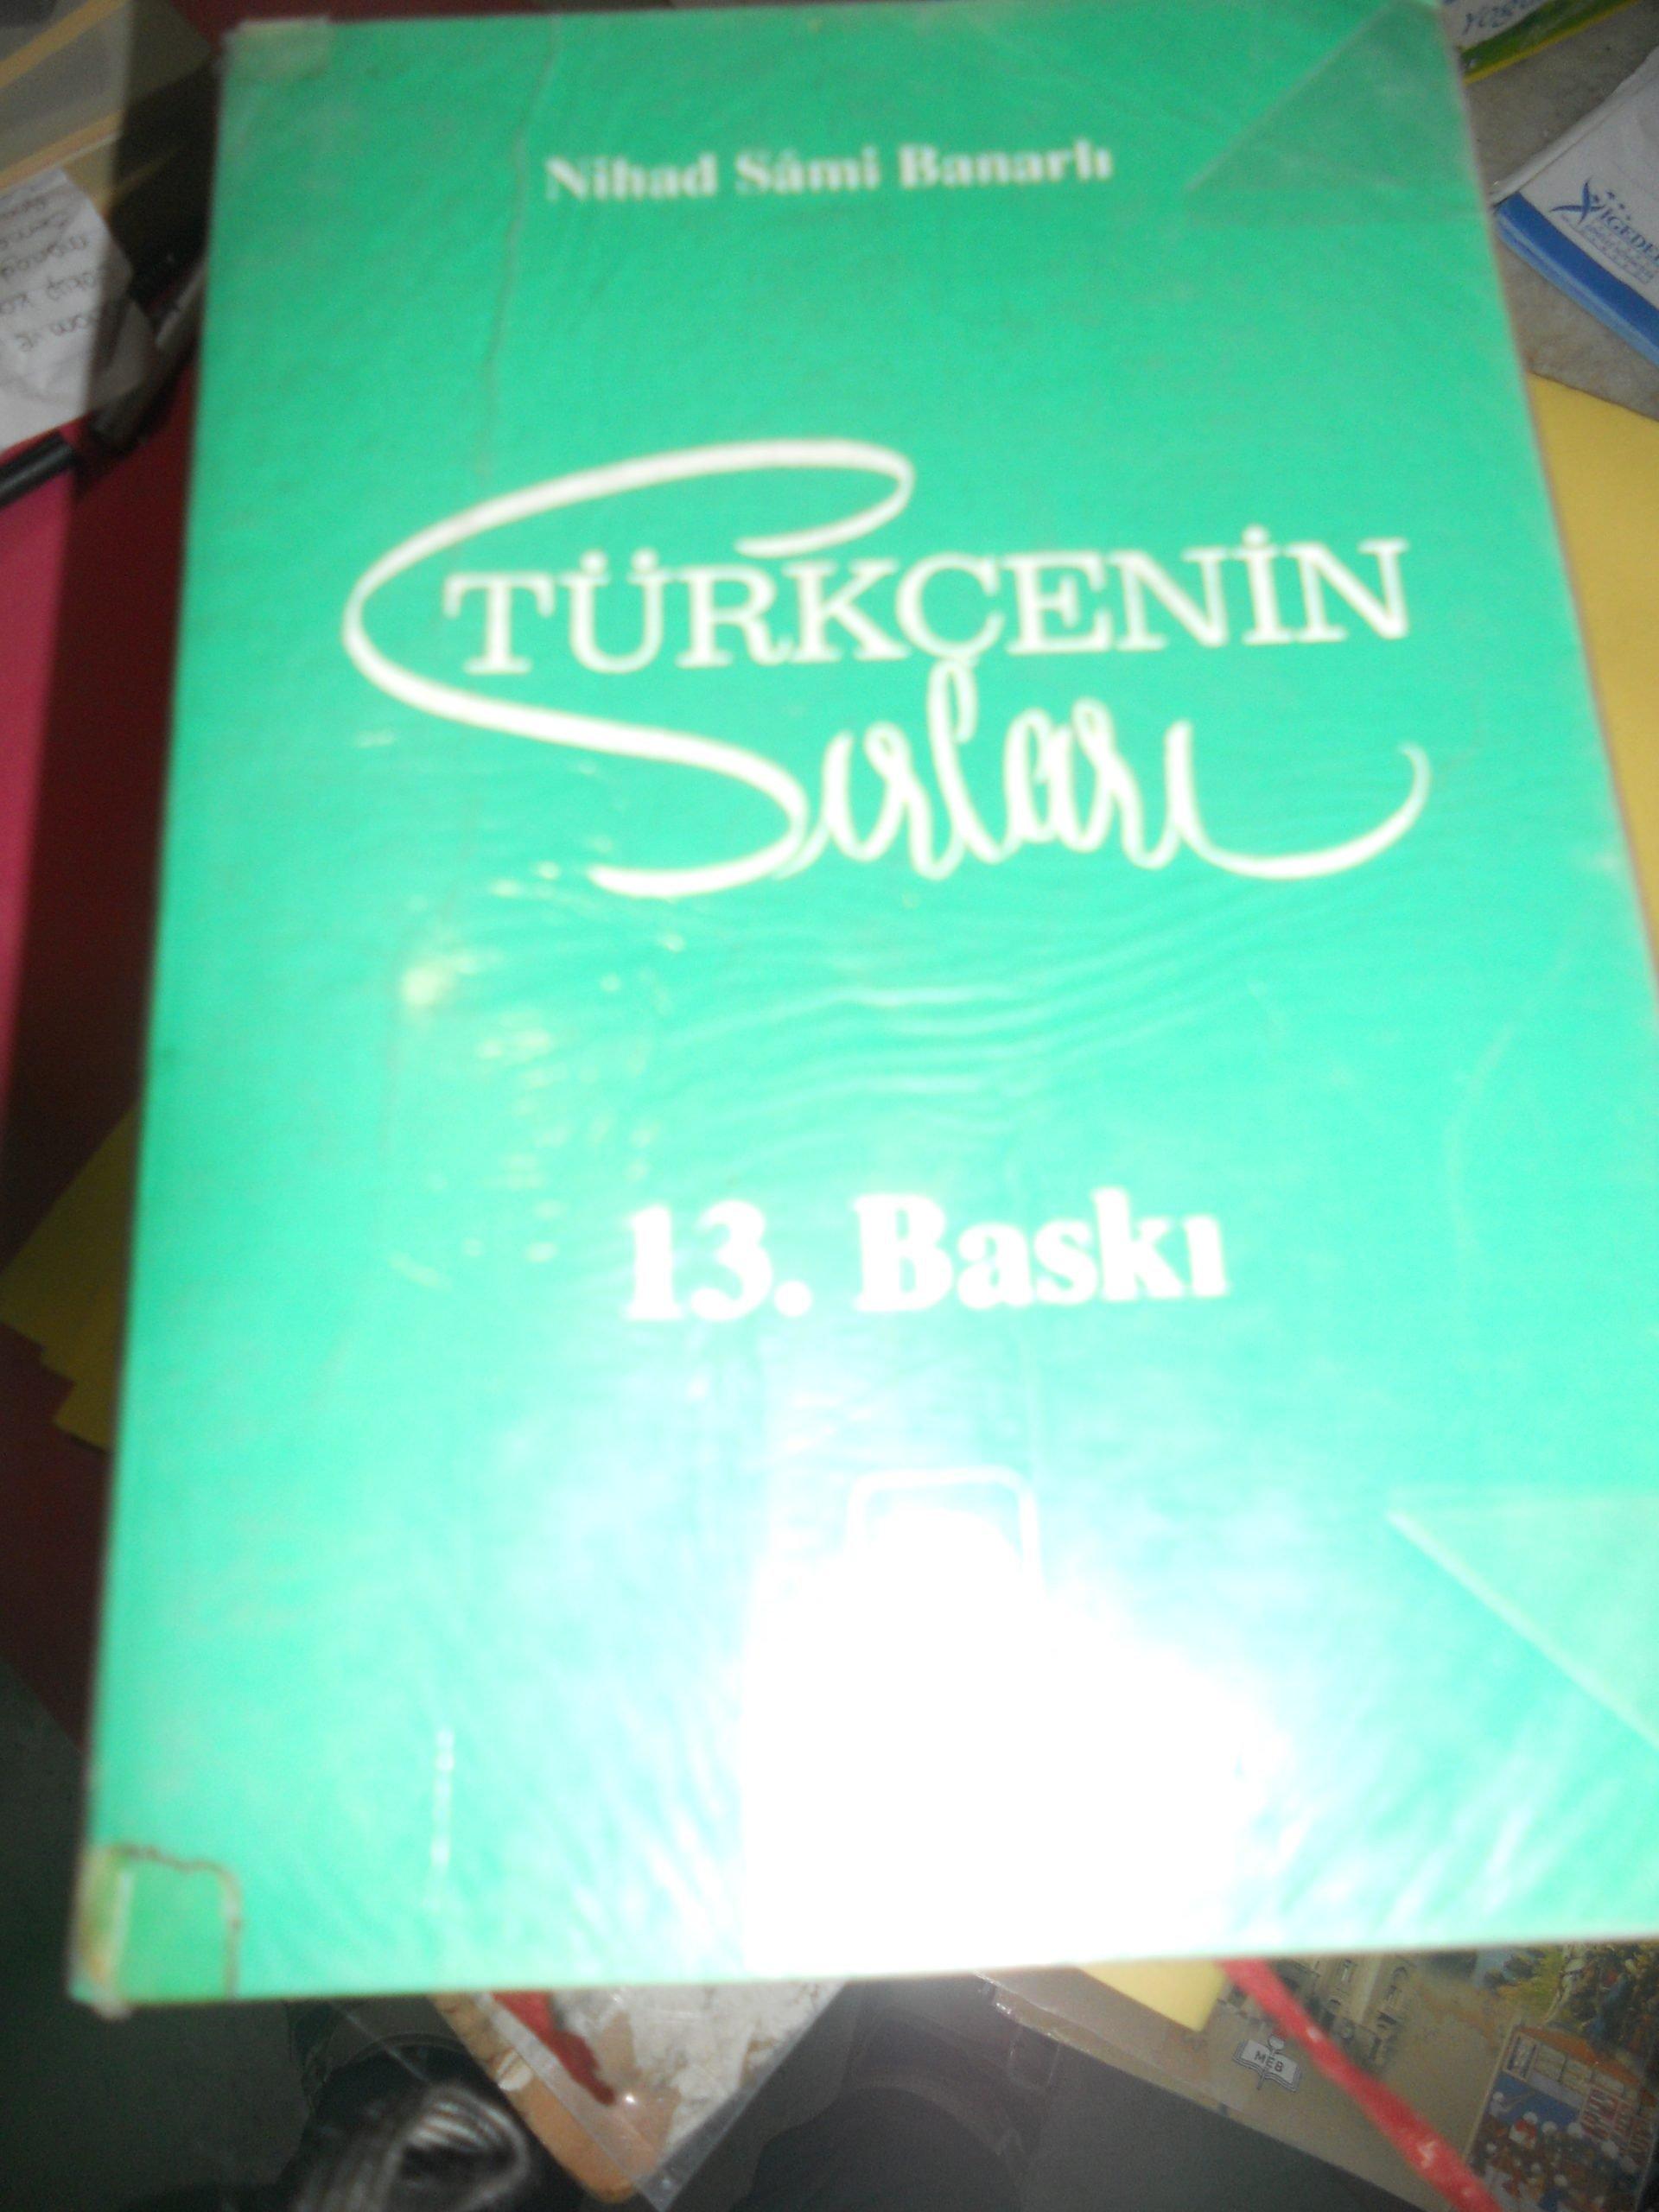 TÜRKÇENİN SIRLARI/Nihat Sami BANARLI/20 TL